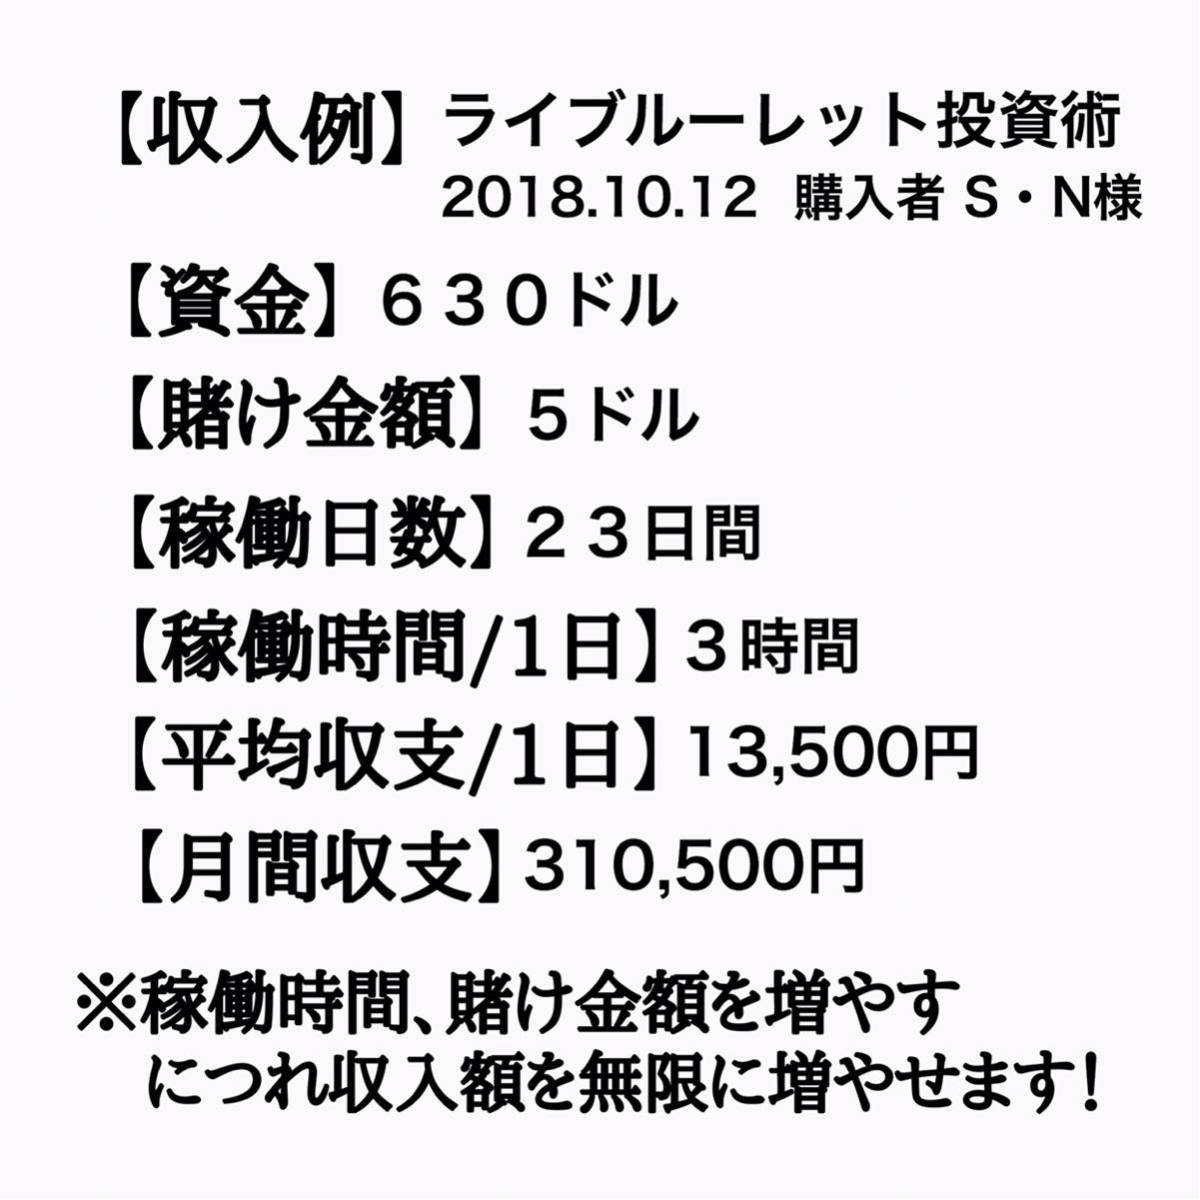 《先着3名様限定》通常価格¥90,000円⇒先着限定価格¥6,980円 完全オリジナル極秘投資術セット 攻略法 仮想通貨 FX 投資 カジノ 副業_画像4